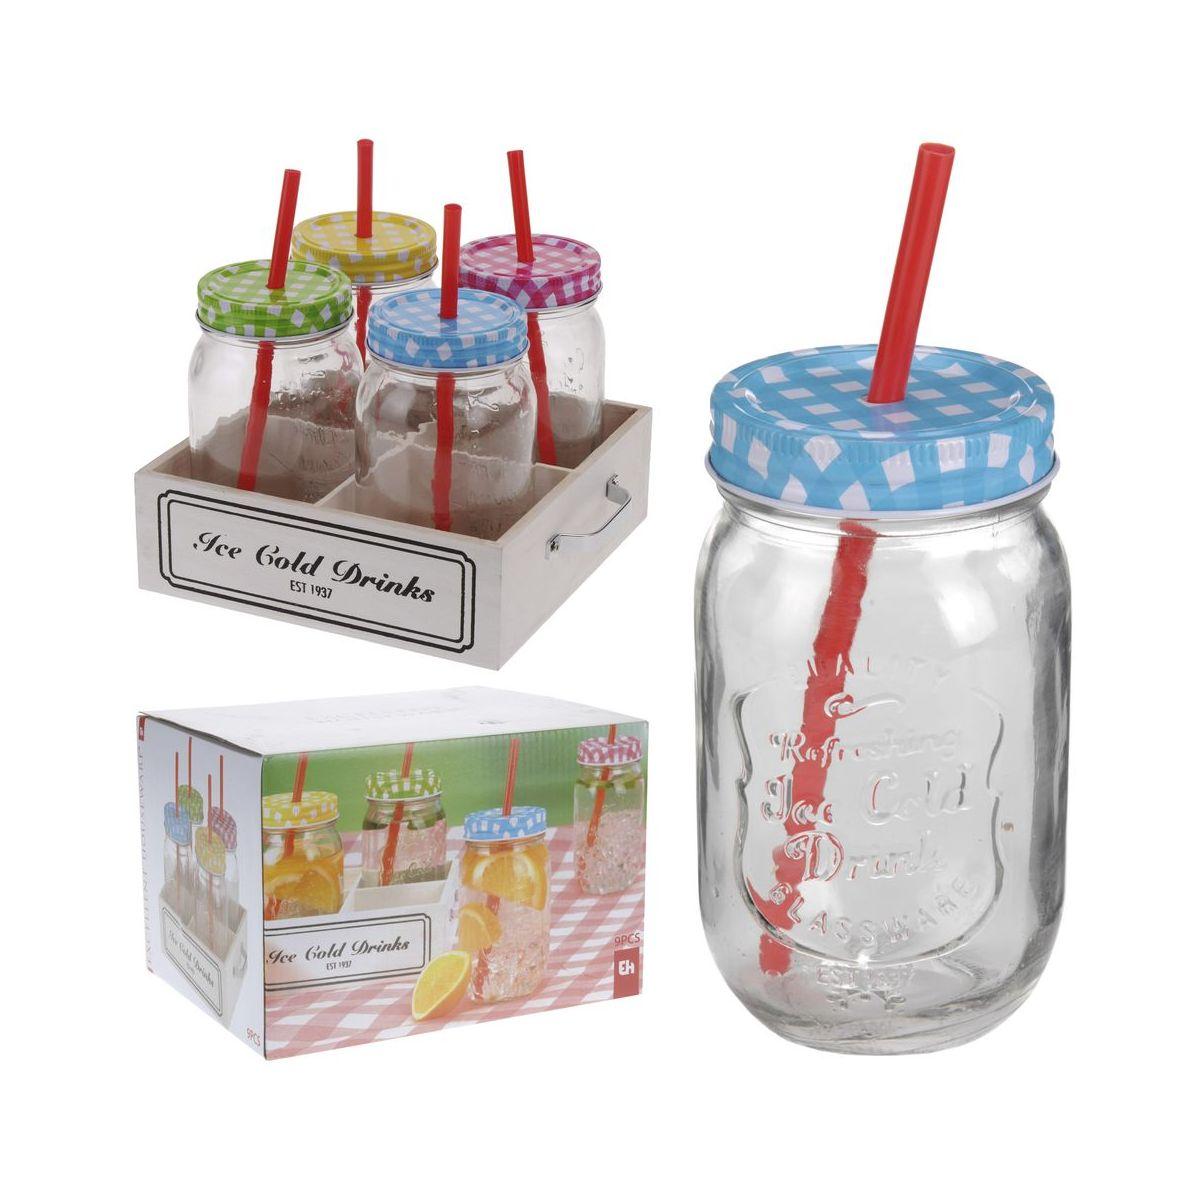 Набор стаканов 4 шт (в форме банки) с крышками и соломками 500 млнабор стаканов (в форме банки) с крышками и соломками, емк. 500 мл<br>